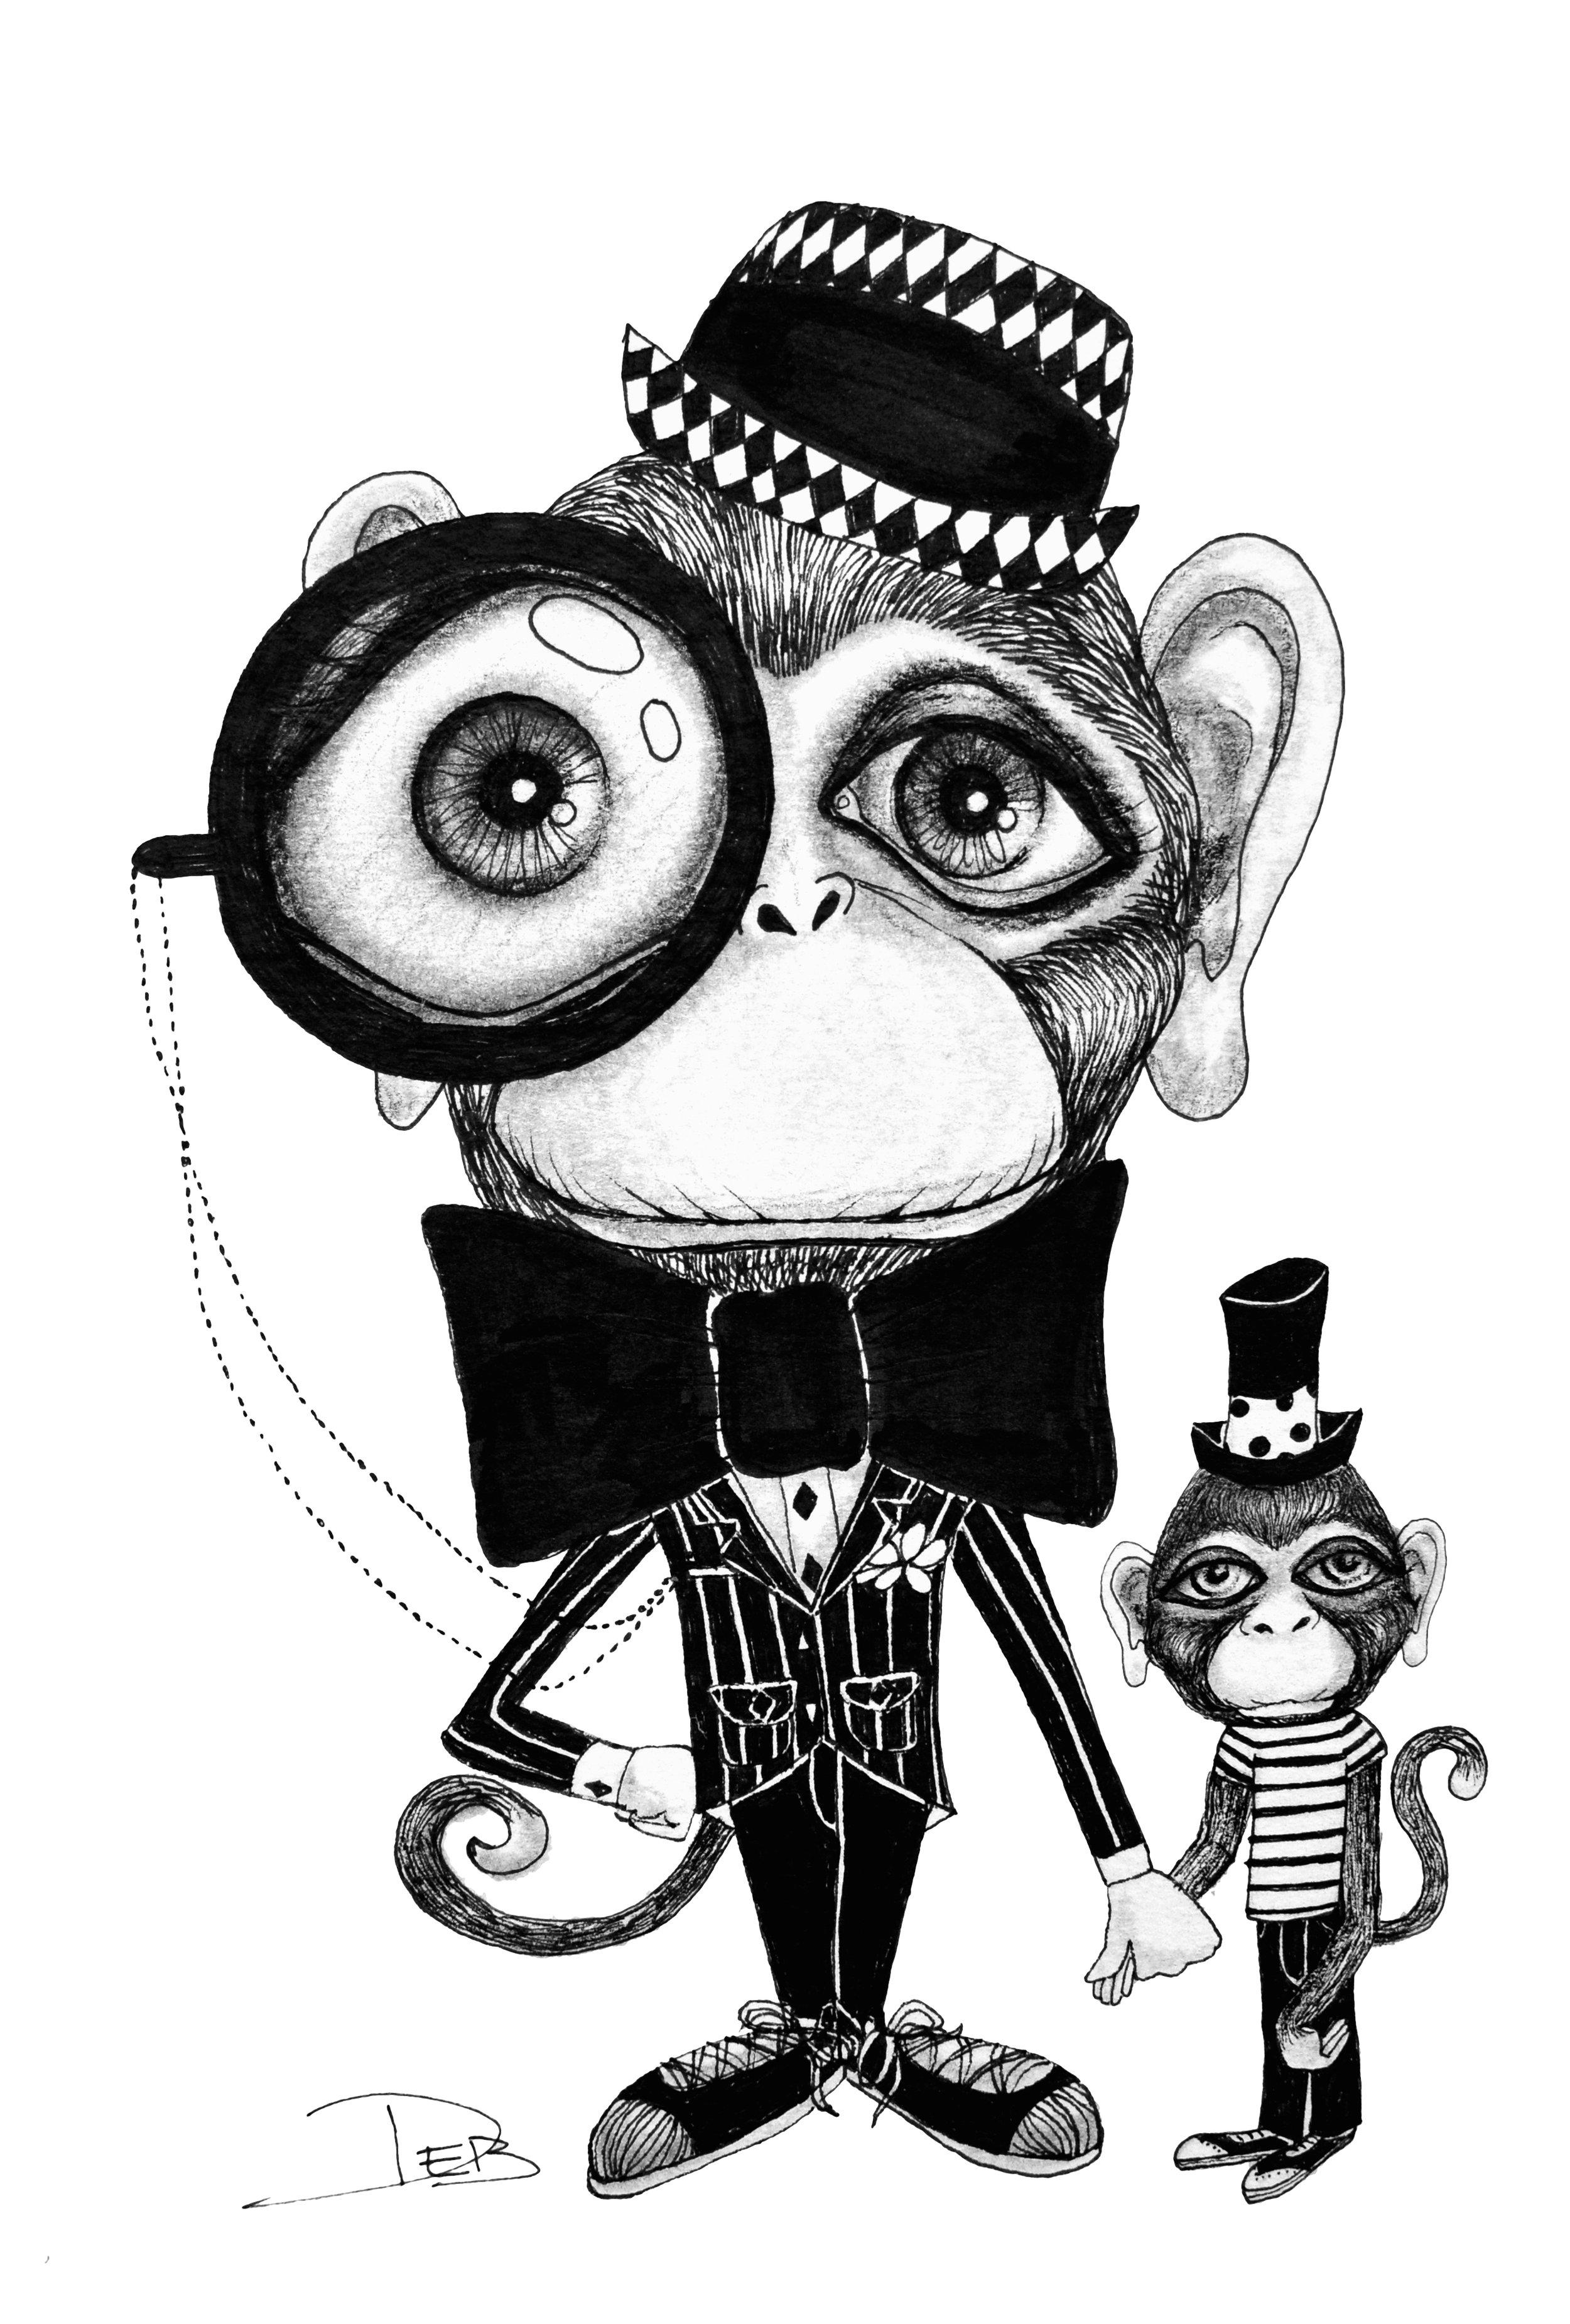 monkey com.jpg